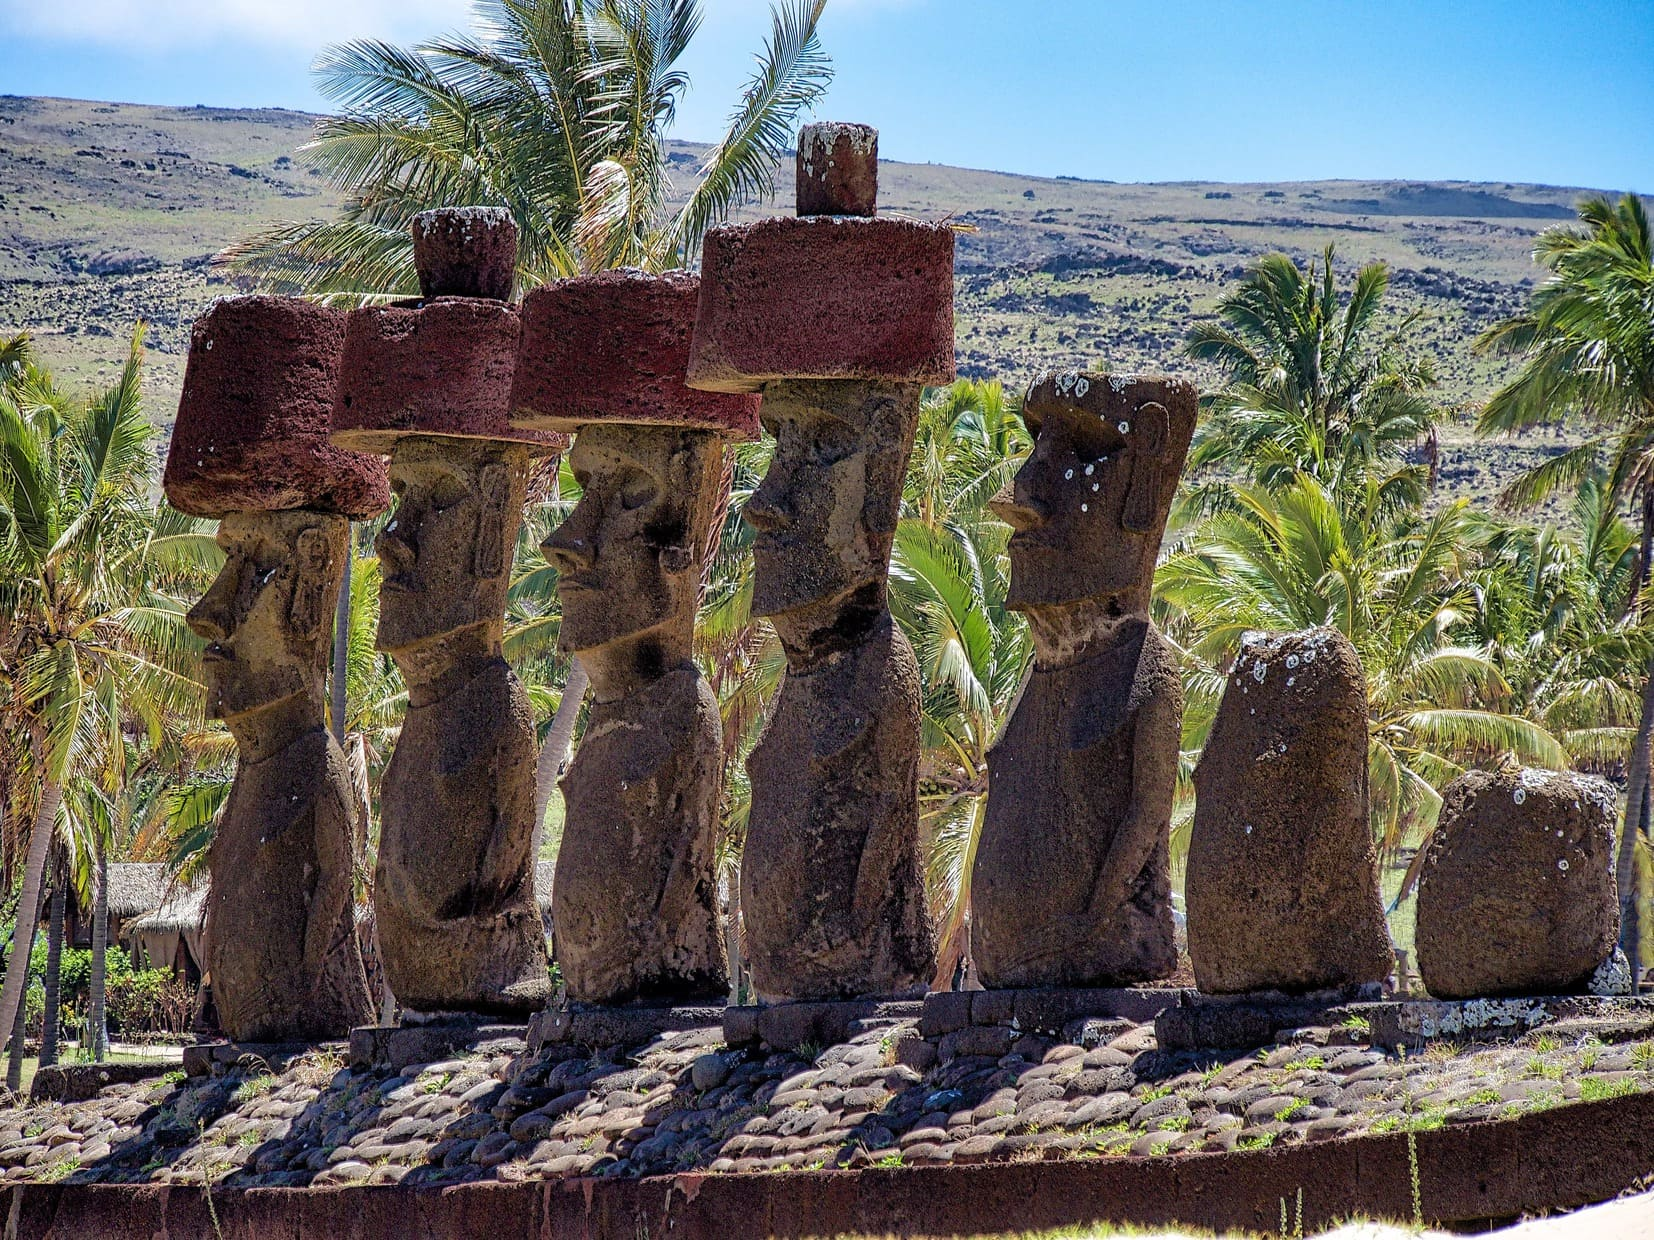 Ahu Tongariki : Easter Island